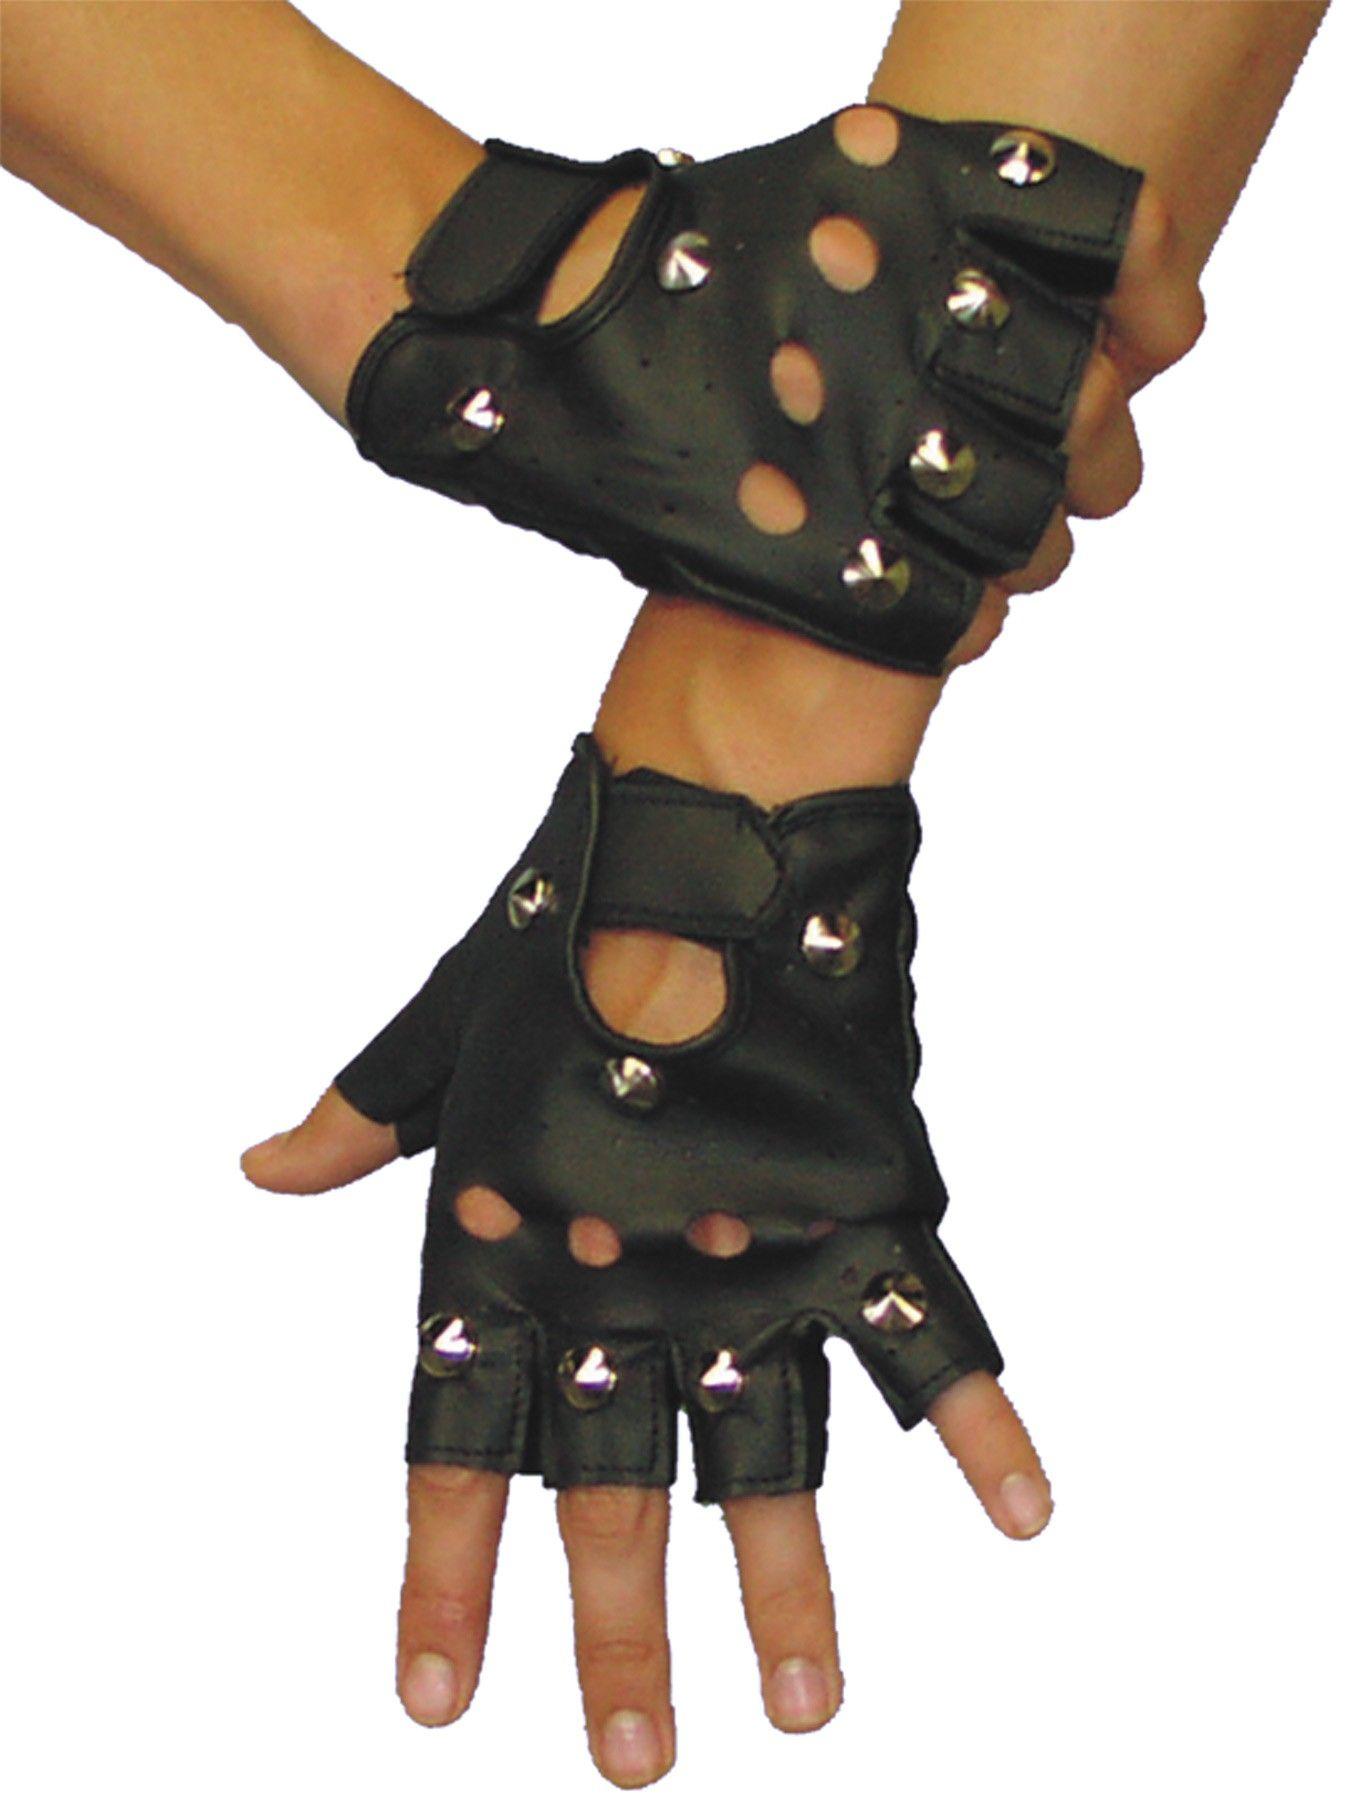 Easy Rider Studded Fingerless Gloves Biker Gang Adult